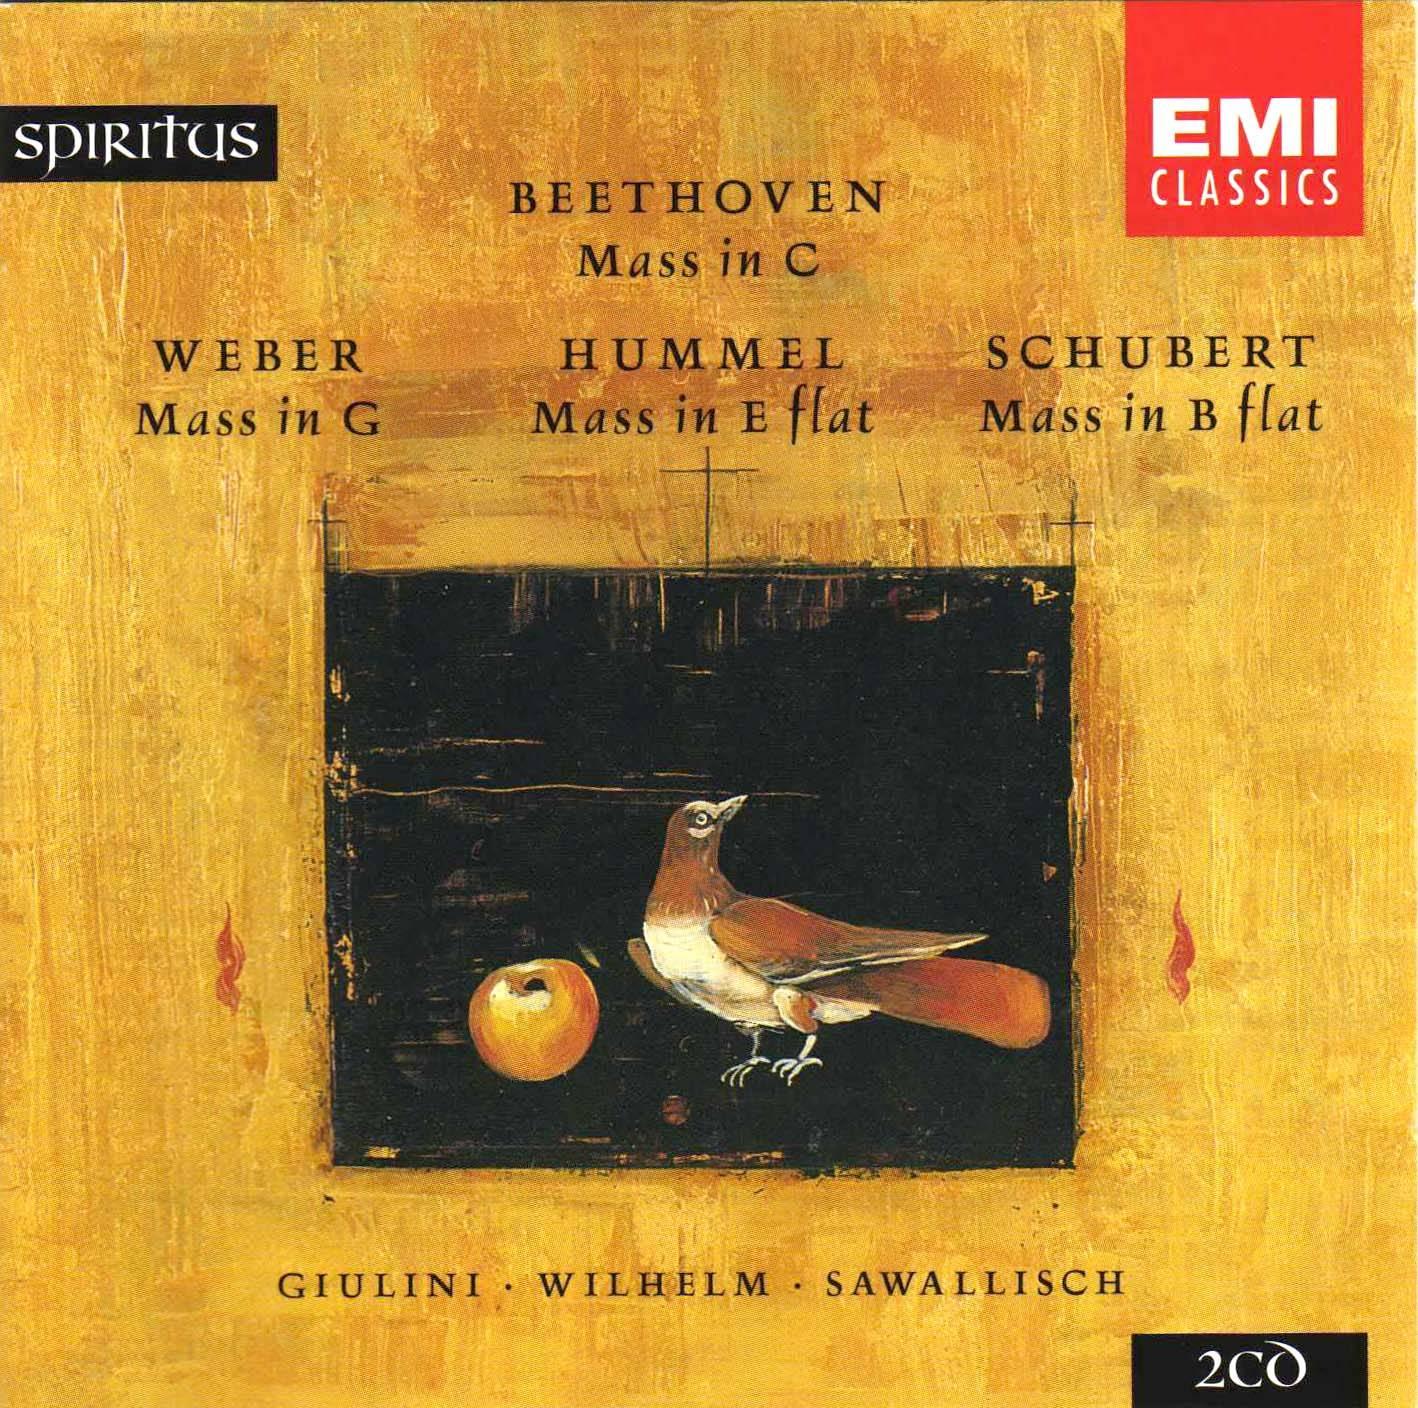 Beethoven - Weber - Hummel - Schubert; Spiritus